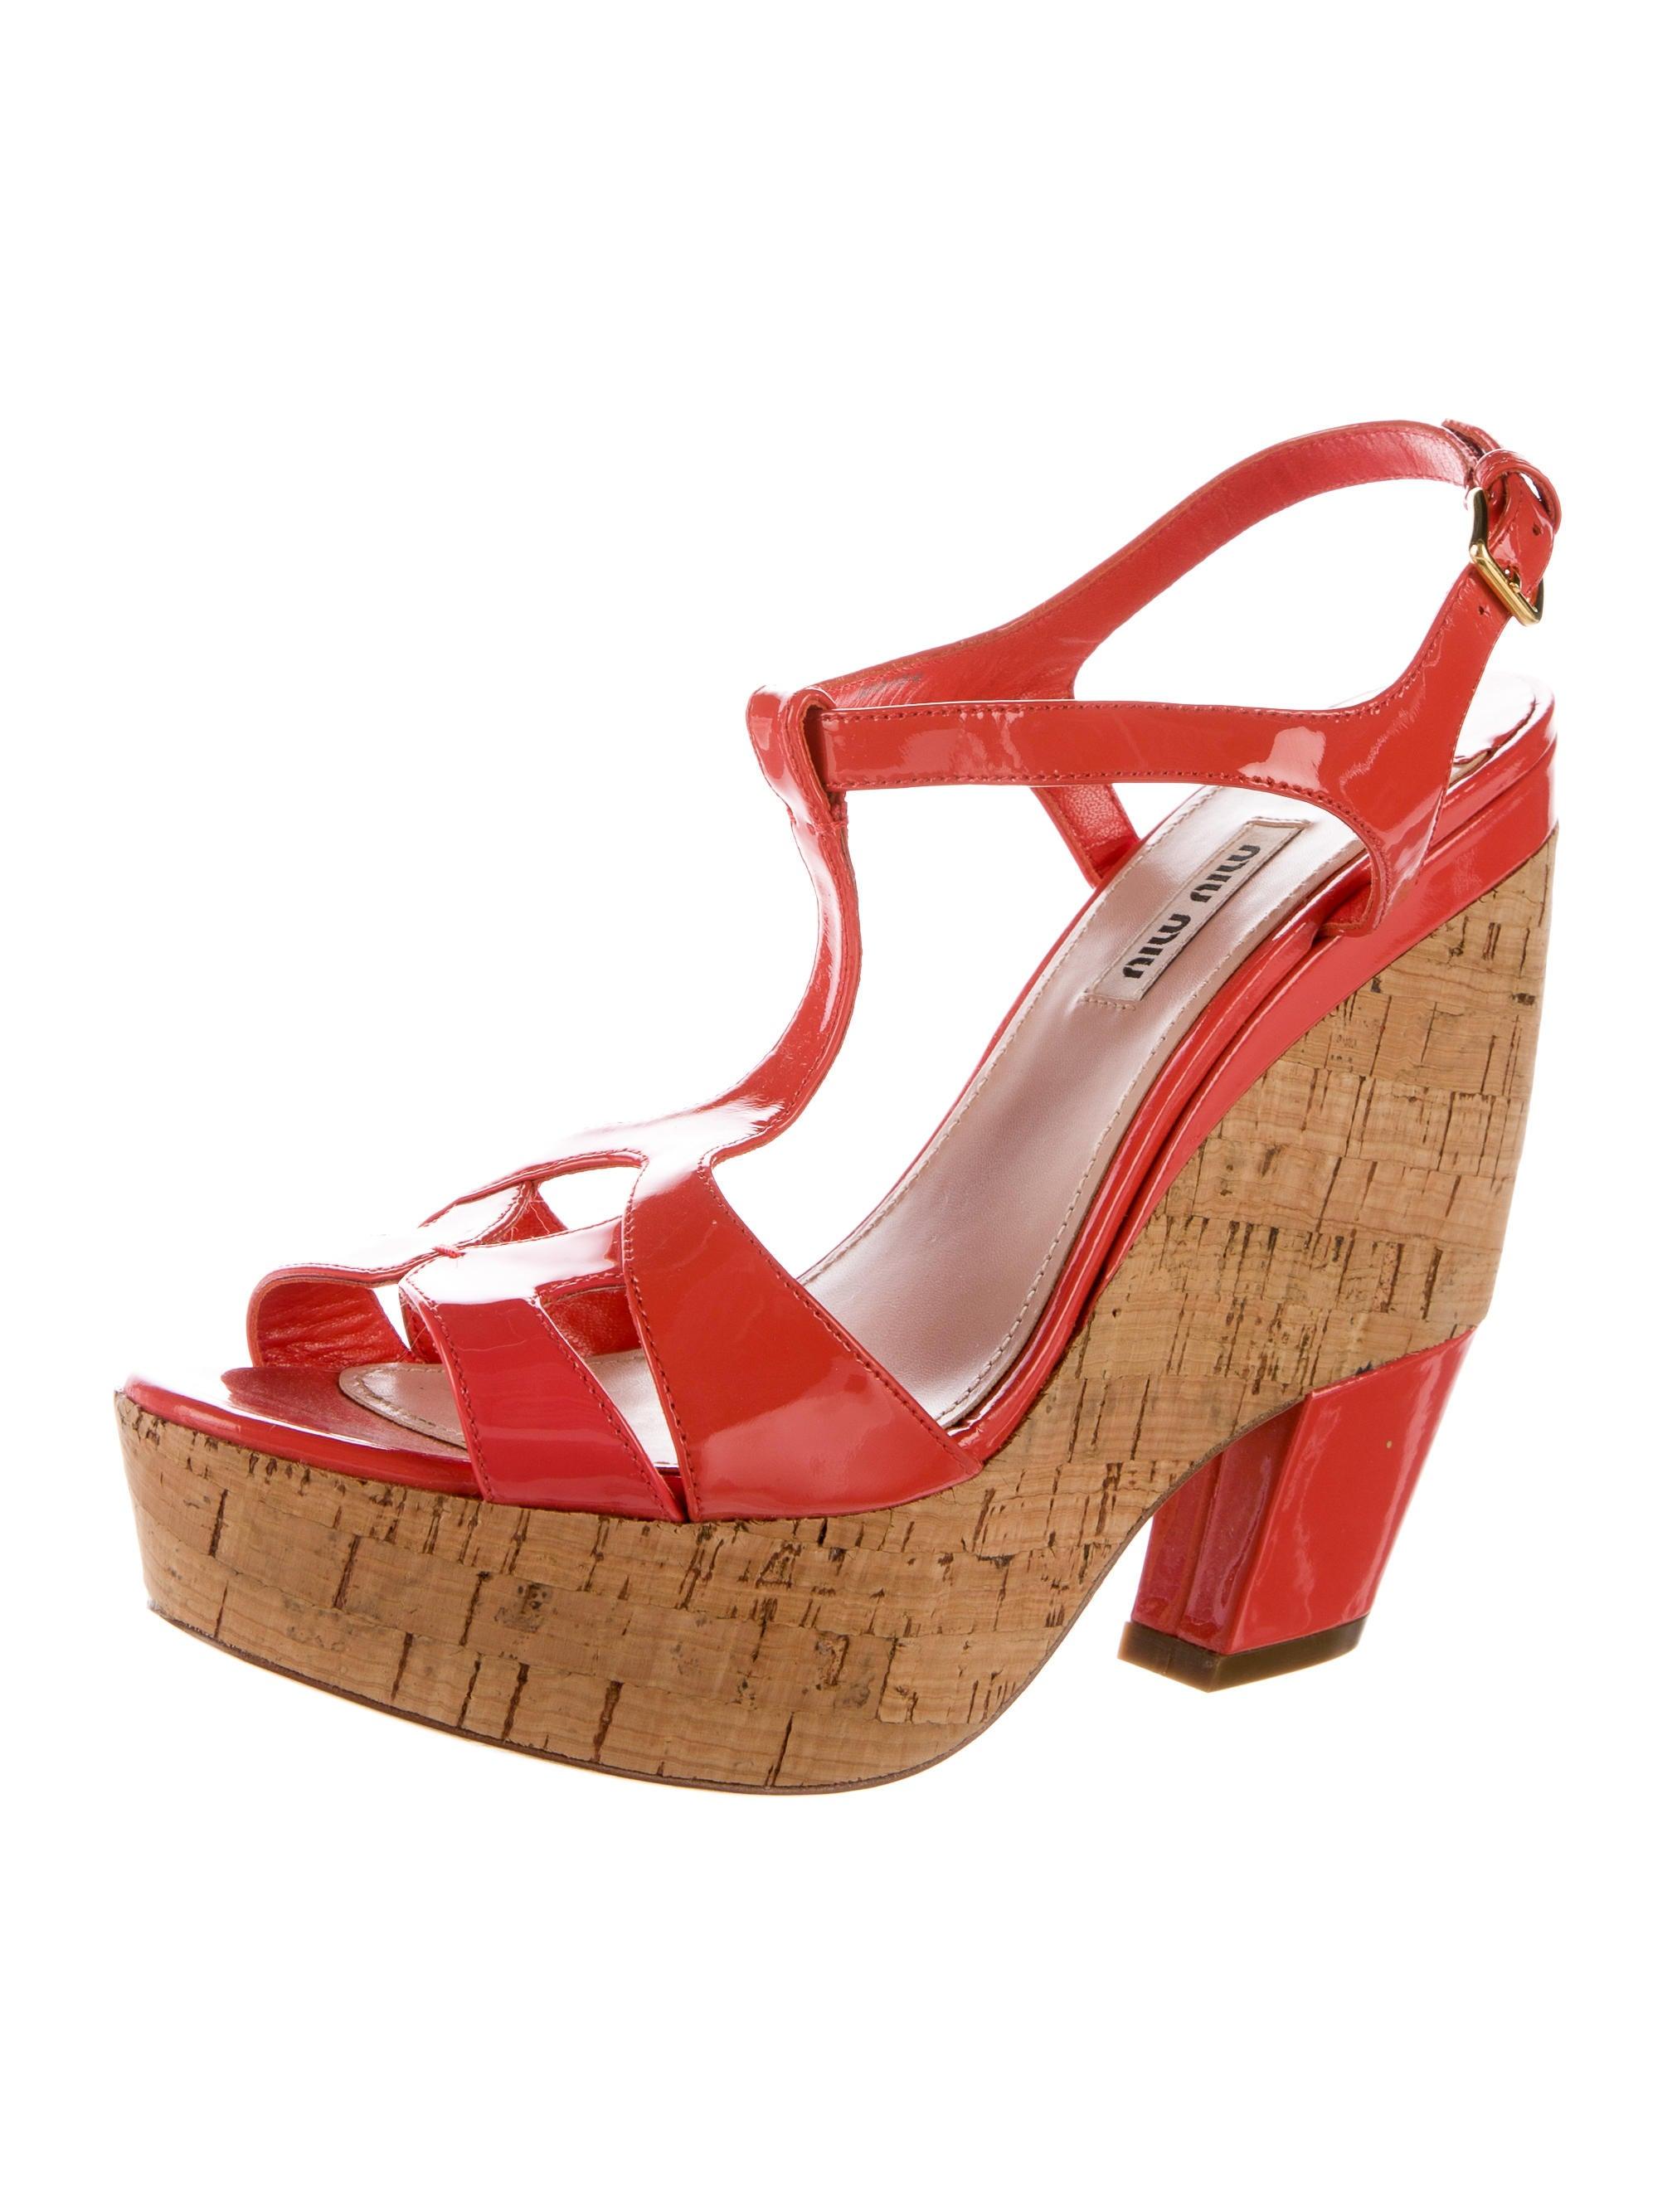 Miu Miu Shoes Sale Polyvore